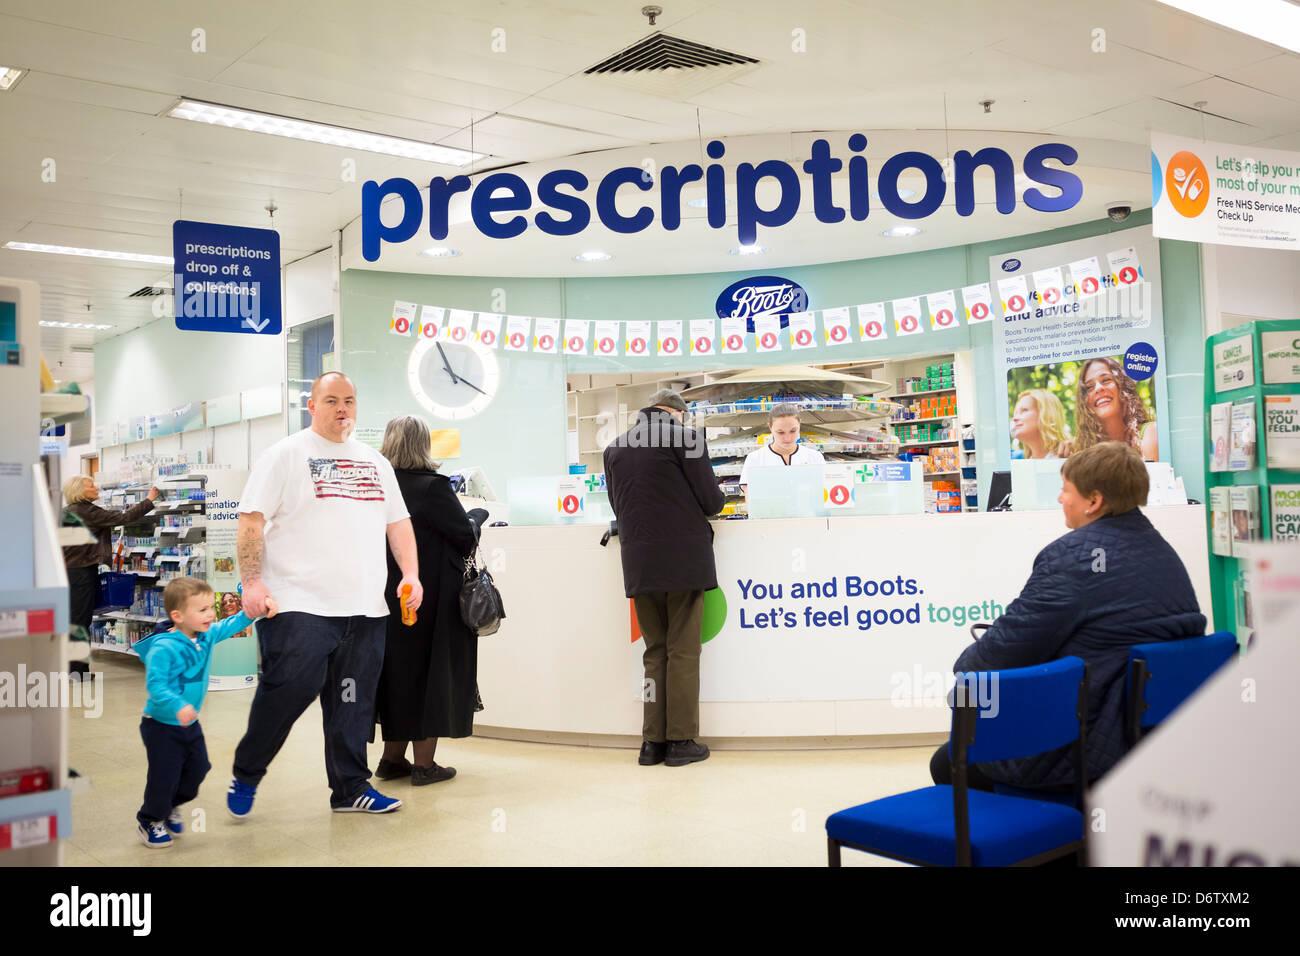 Pharmacist Uk Stock Photos & Pharmacist Uk Stock Images - Alamy